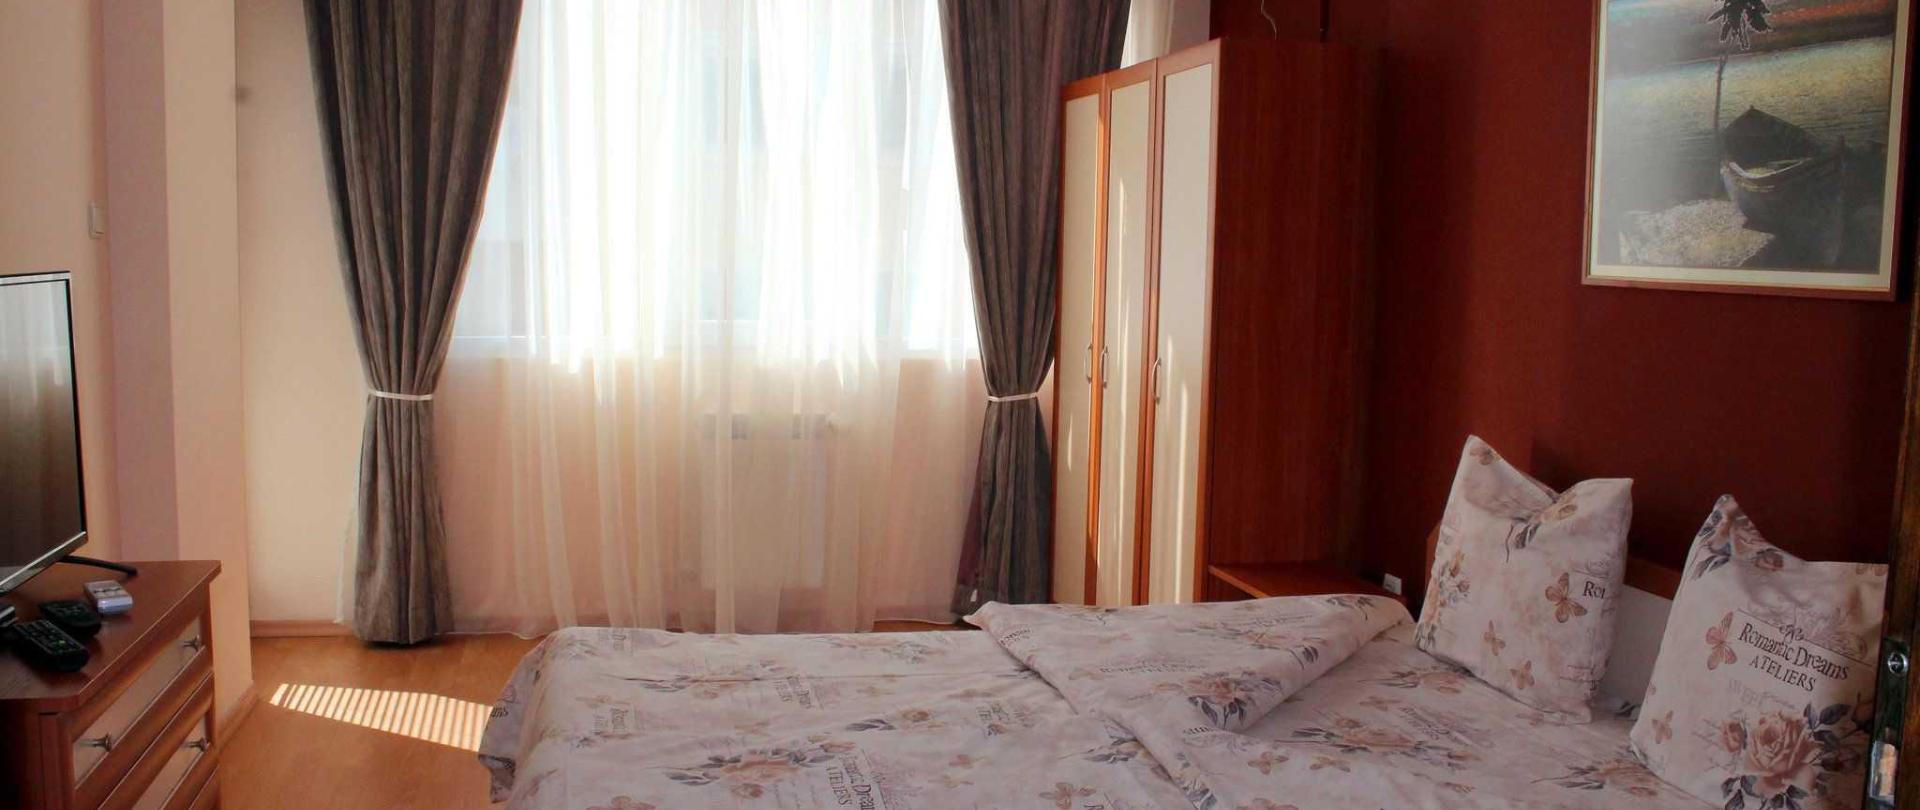 v6-sleeping-room-b-10.jpg